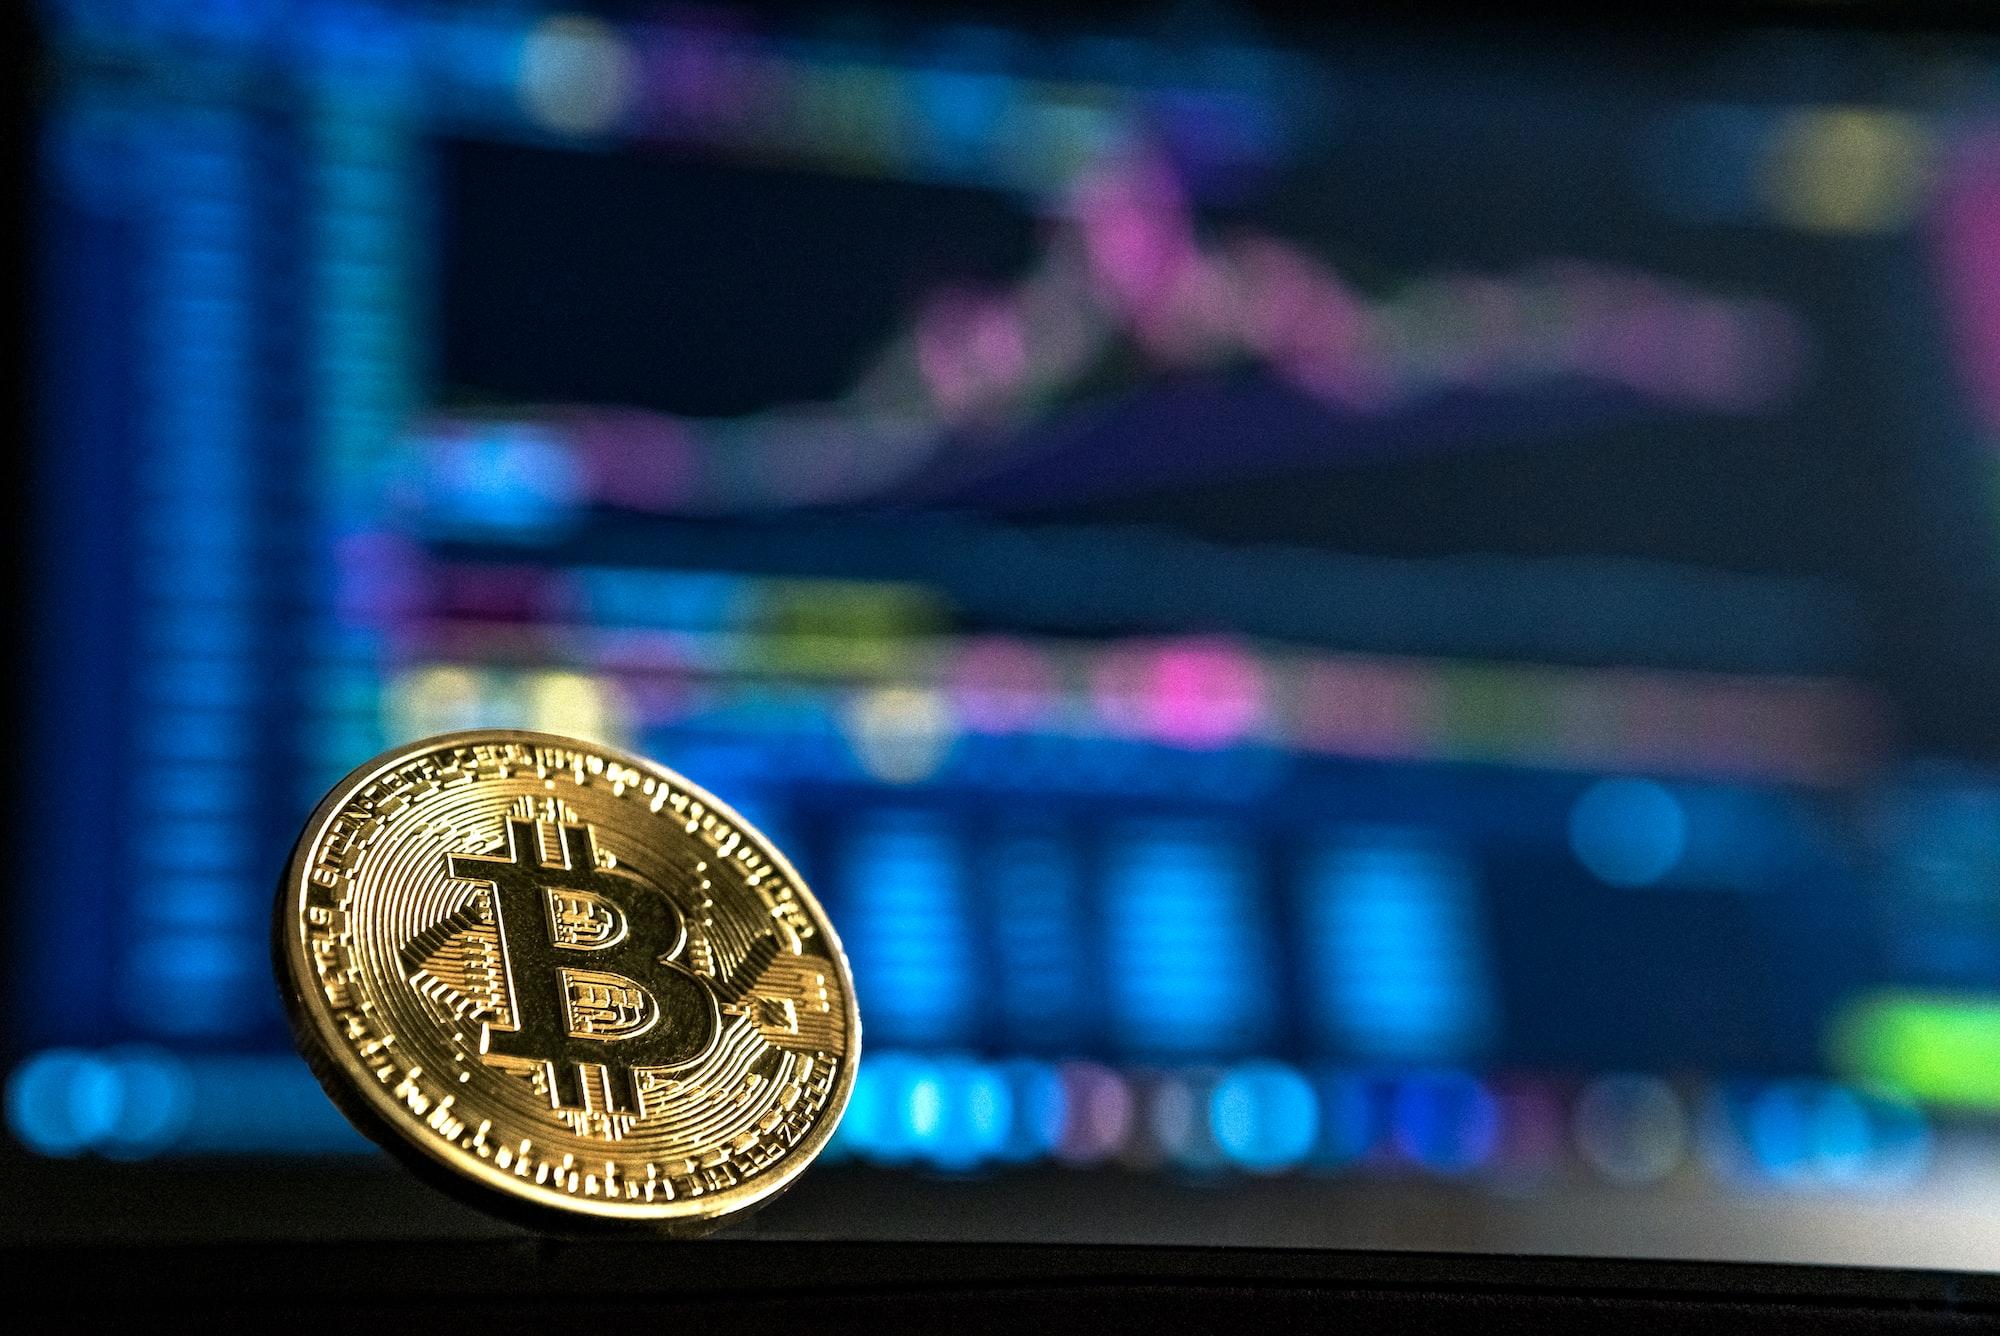 Geen nood: onterecht paniek over de val van hashrate bitcoin